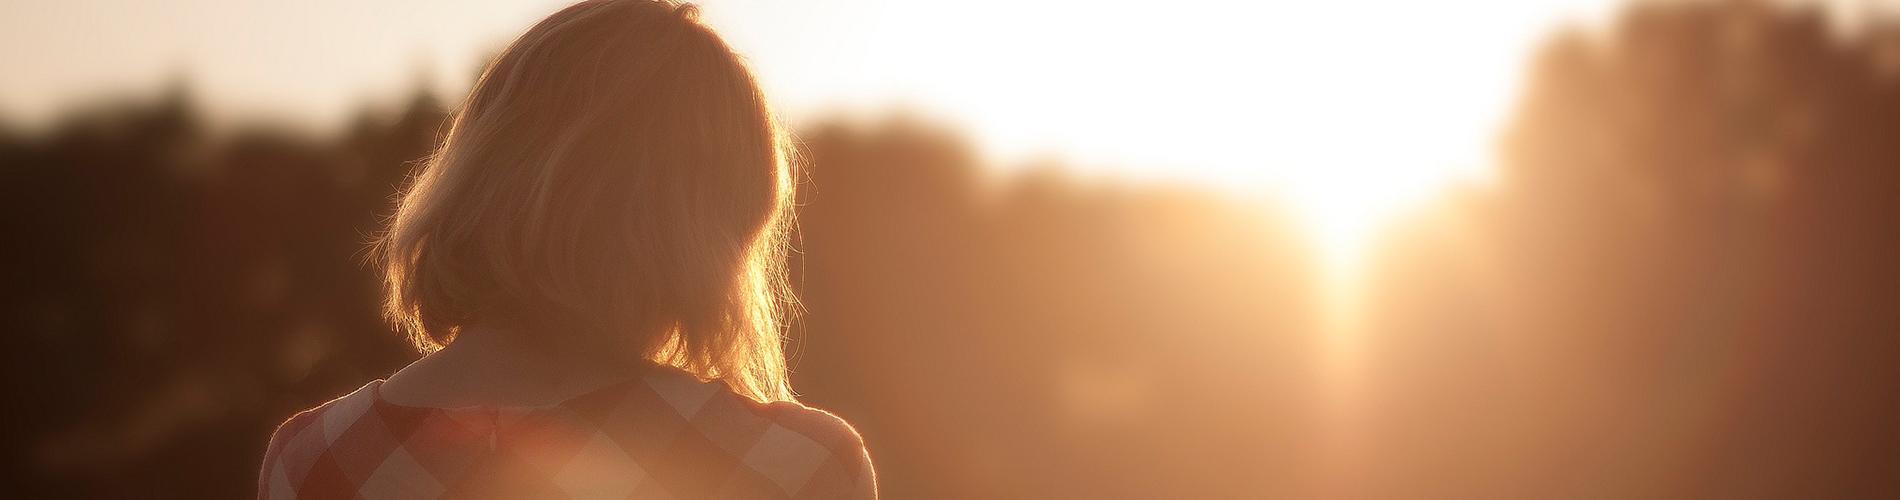 woman-sunset-back